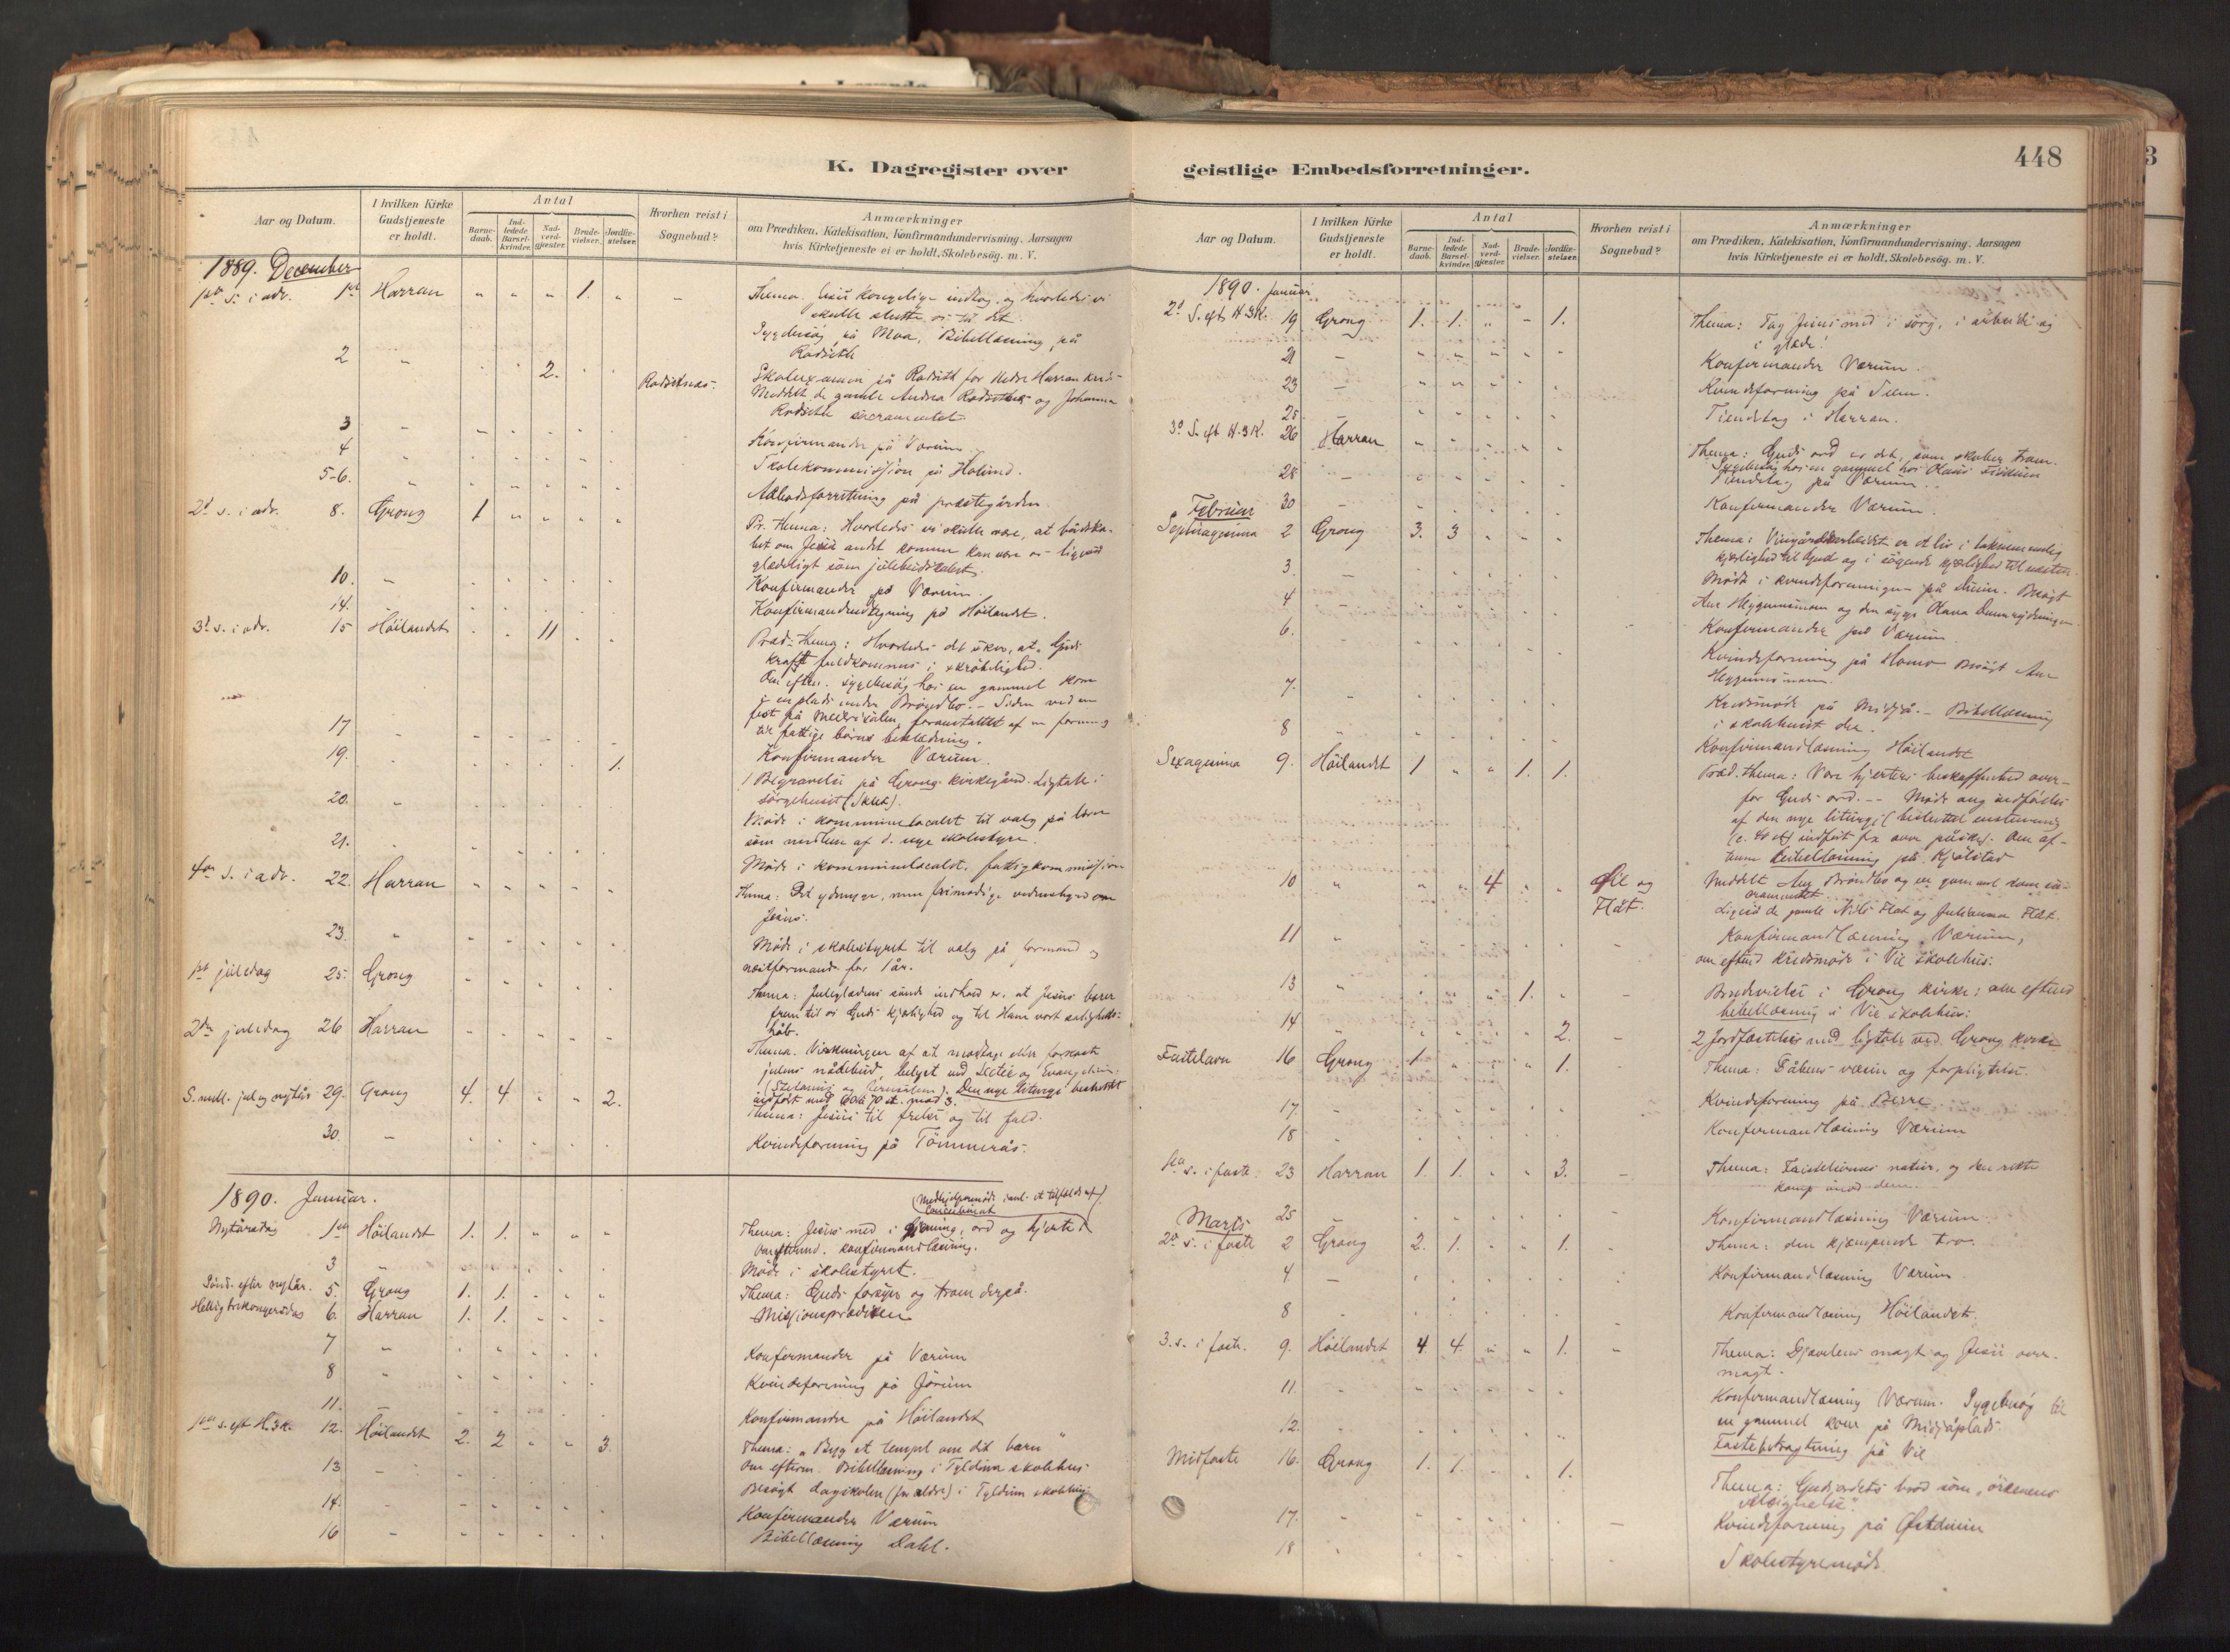 SAT, Ministerialprotokoller, klokkerbøker og fødselsregistre - Nord-Trøndelag, 758/L0519: Ministerialbok nr. 758A04, 1880-1926, s. 448